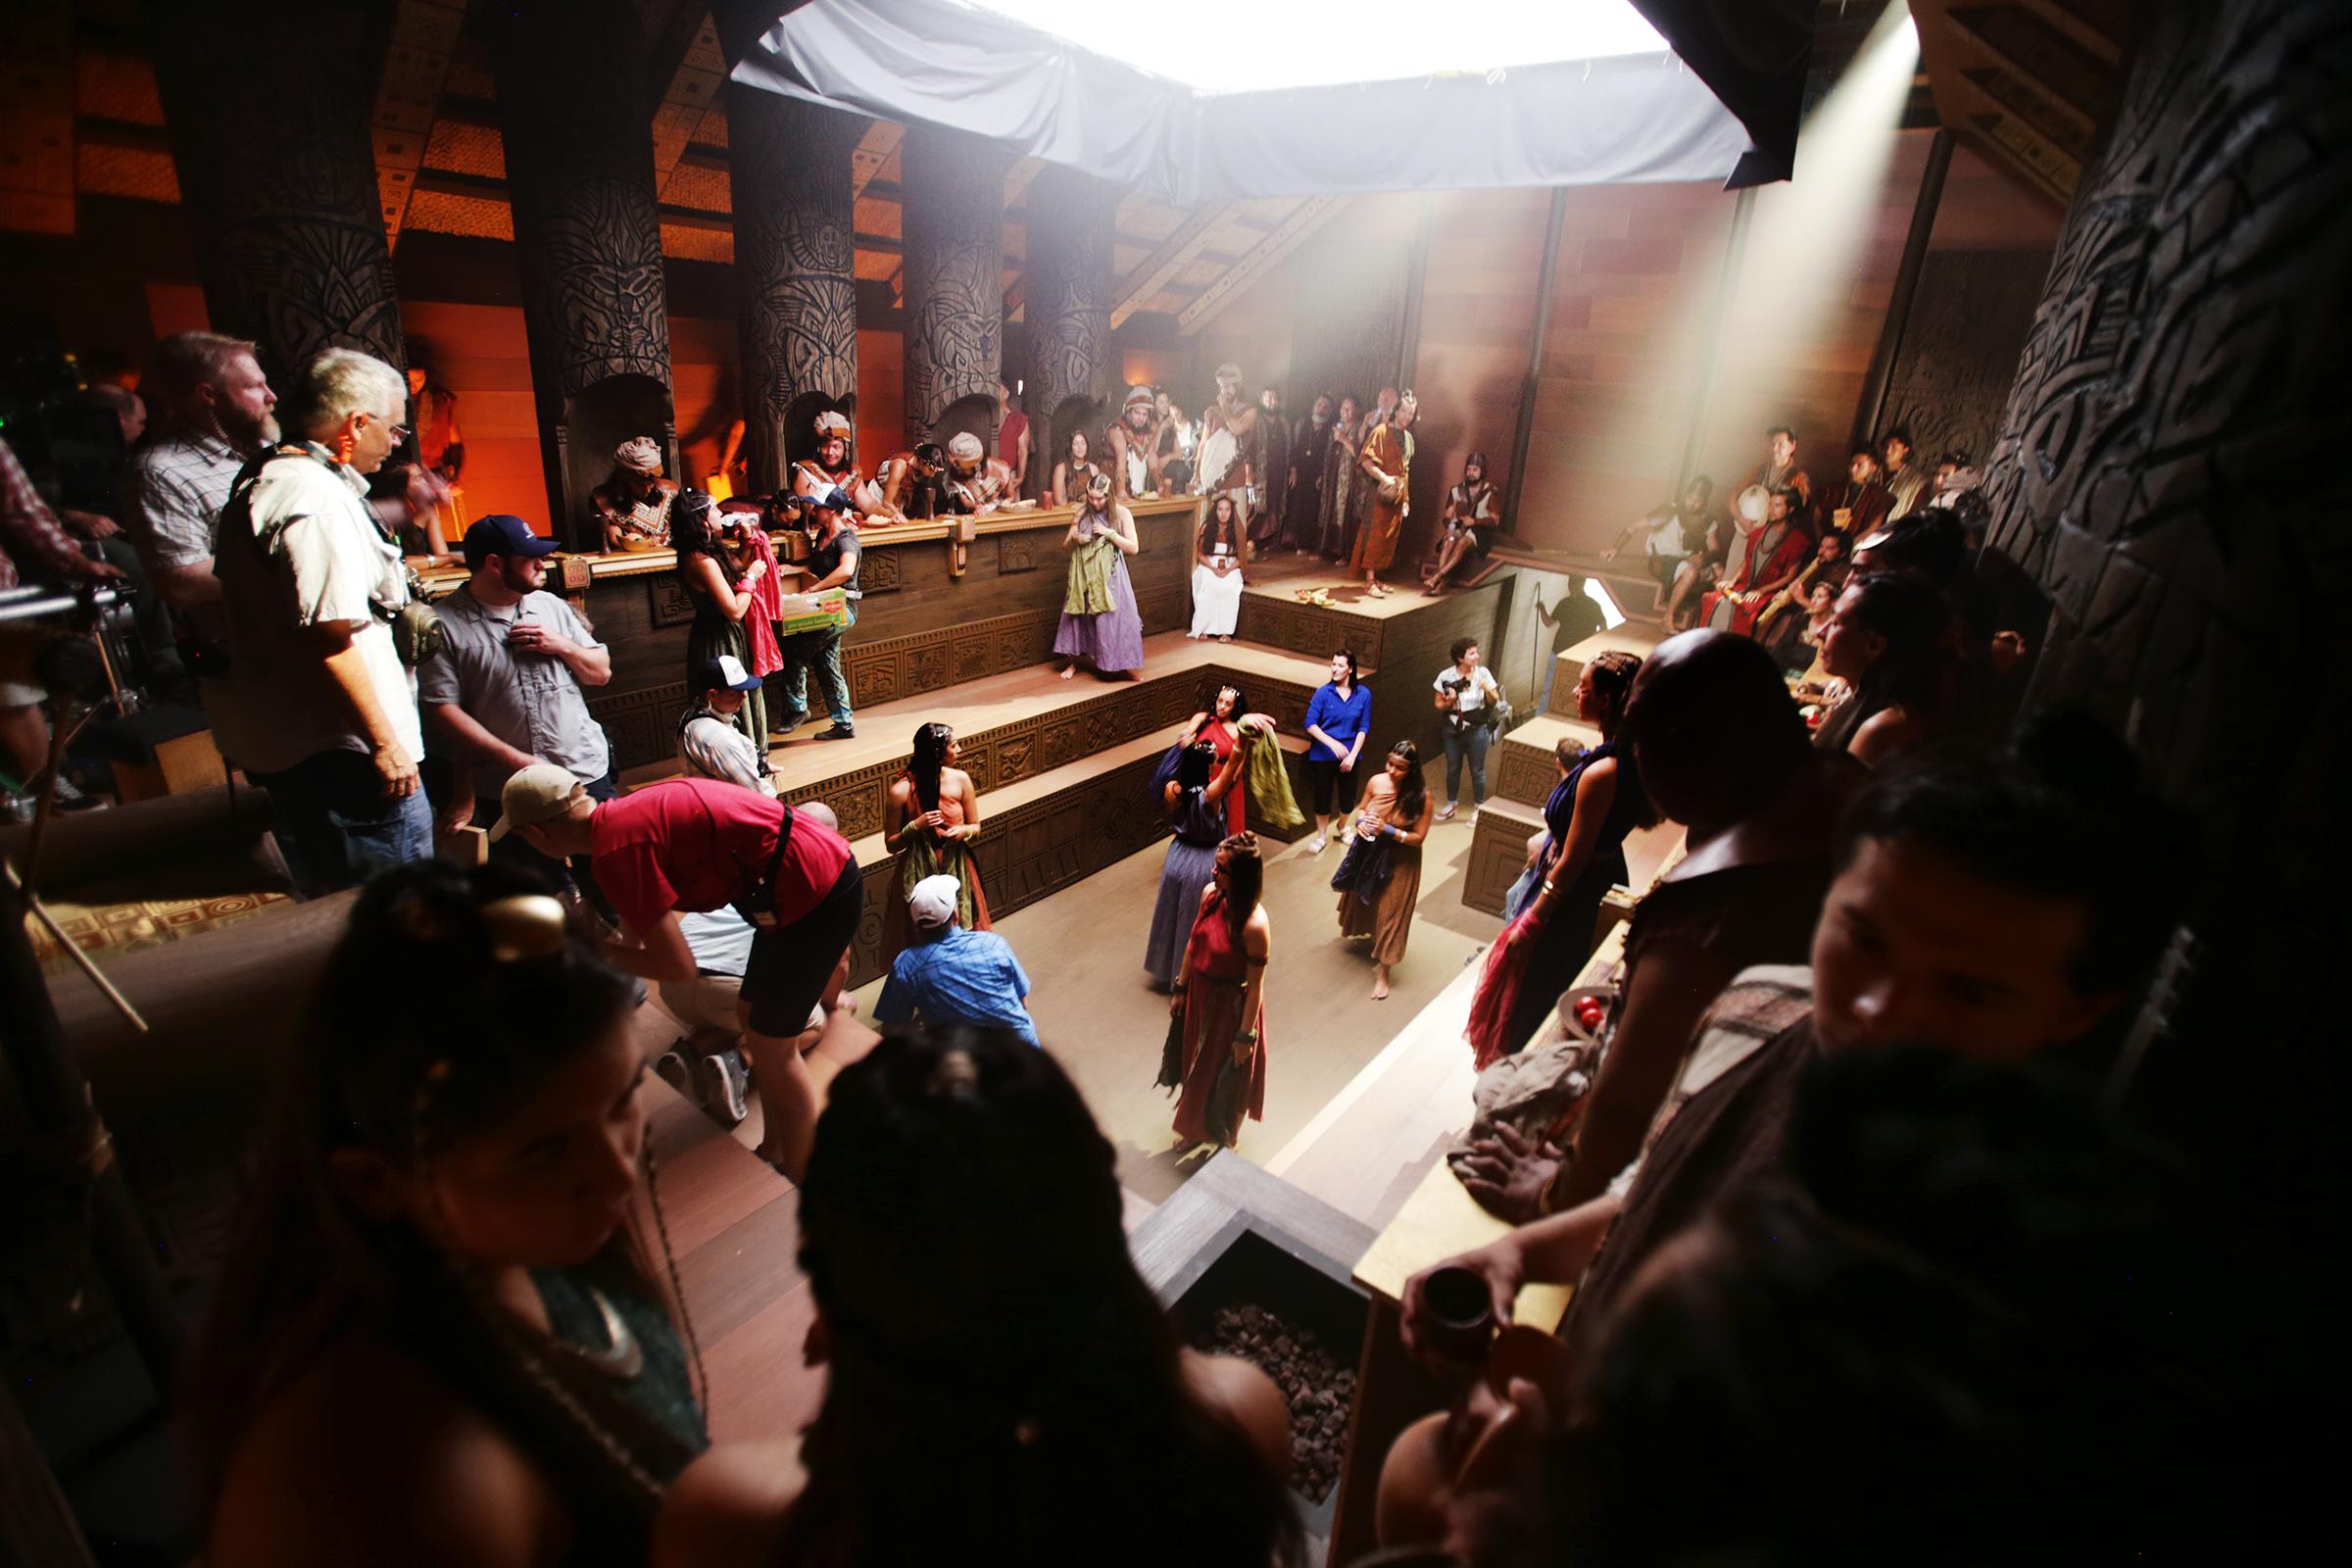 A corte do rei Noé é retratada nas filmagens, enquanto o trabalho de produção da série de vídeos do Livro de Mórmon continua em Provo, Utah, no Motion Picture Studio, na terça-feira, 3 de setembro de 2019.